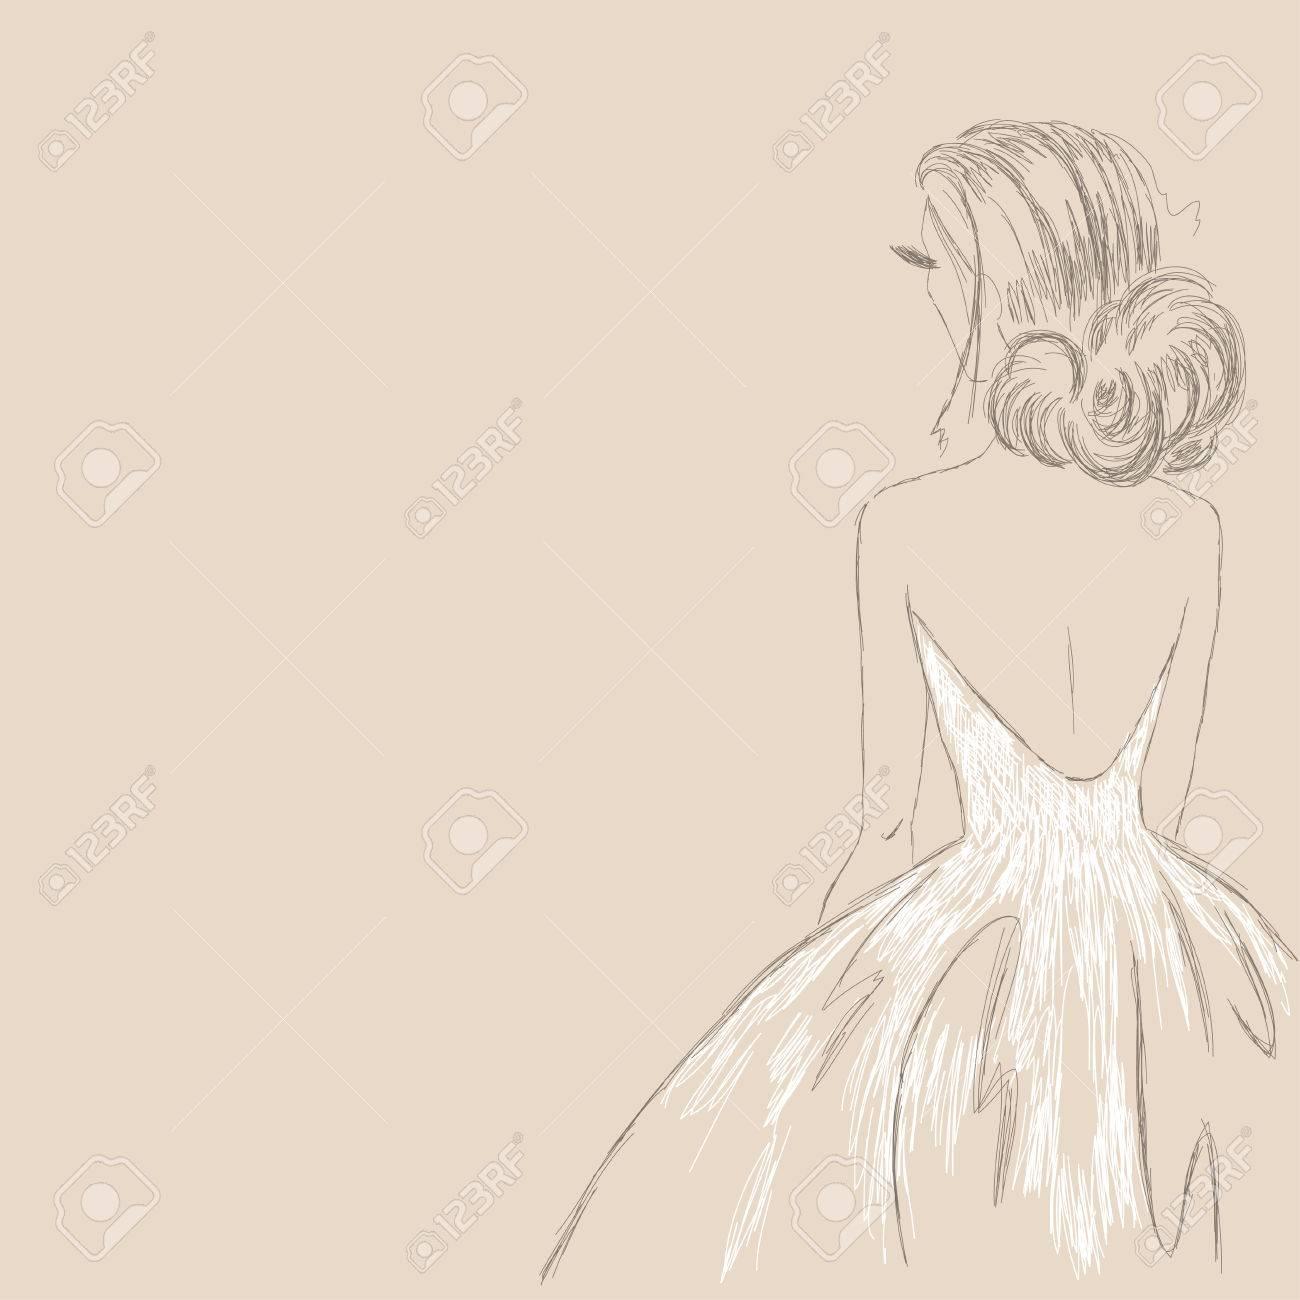 Vestidos de novia para dibujar a lapiz